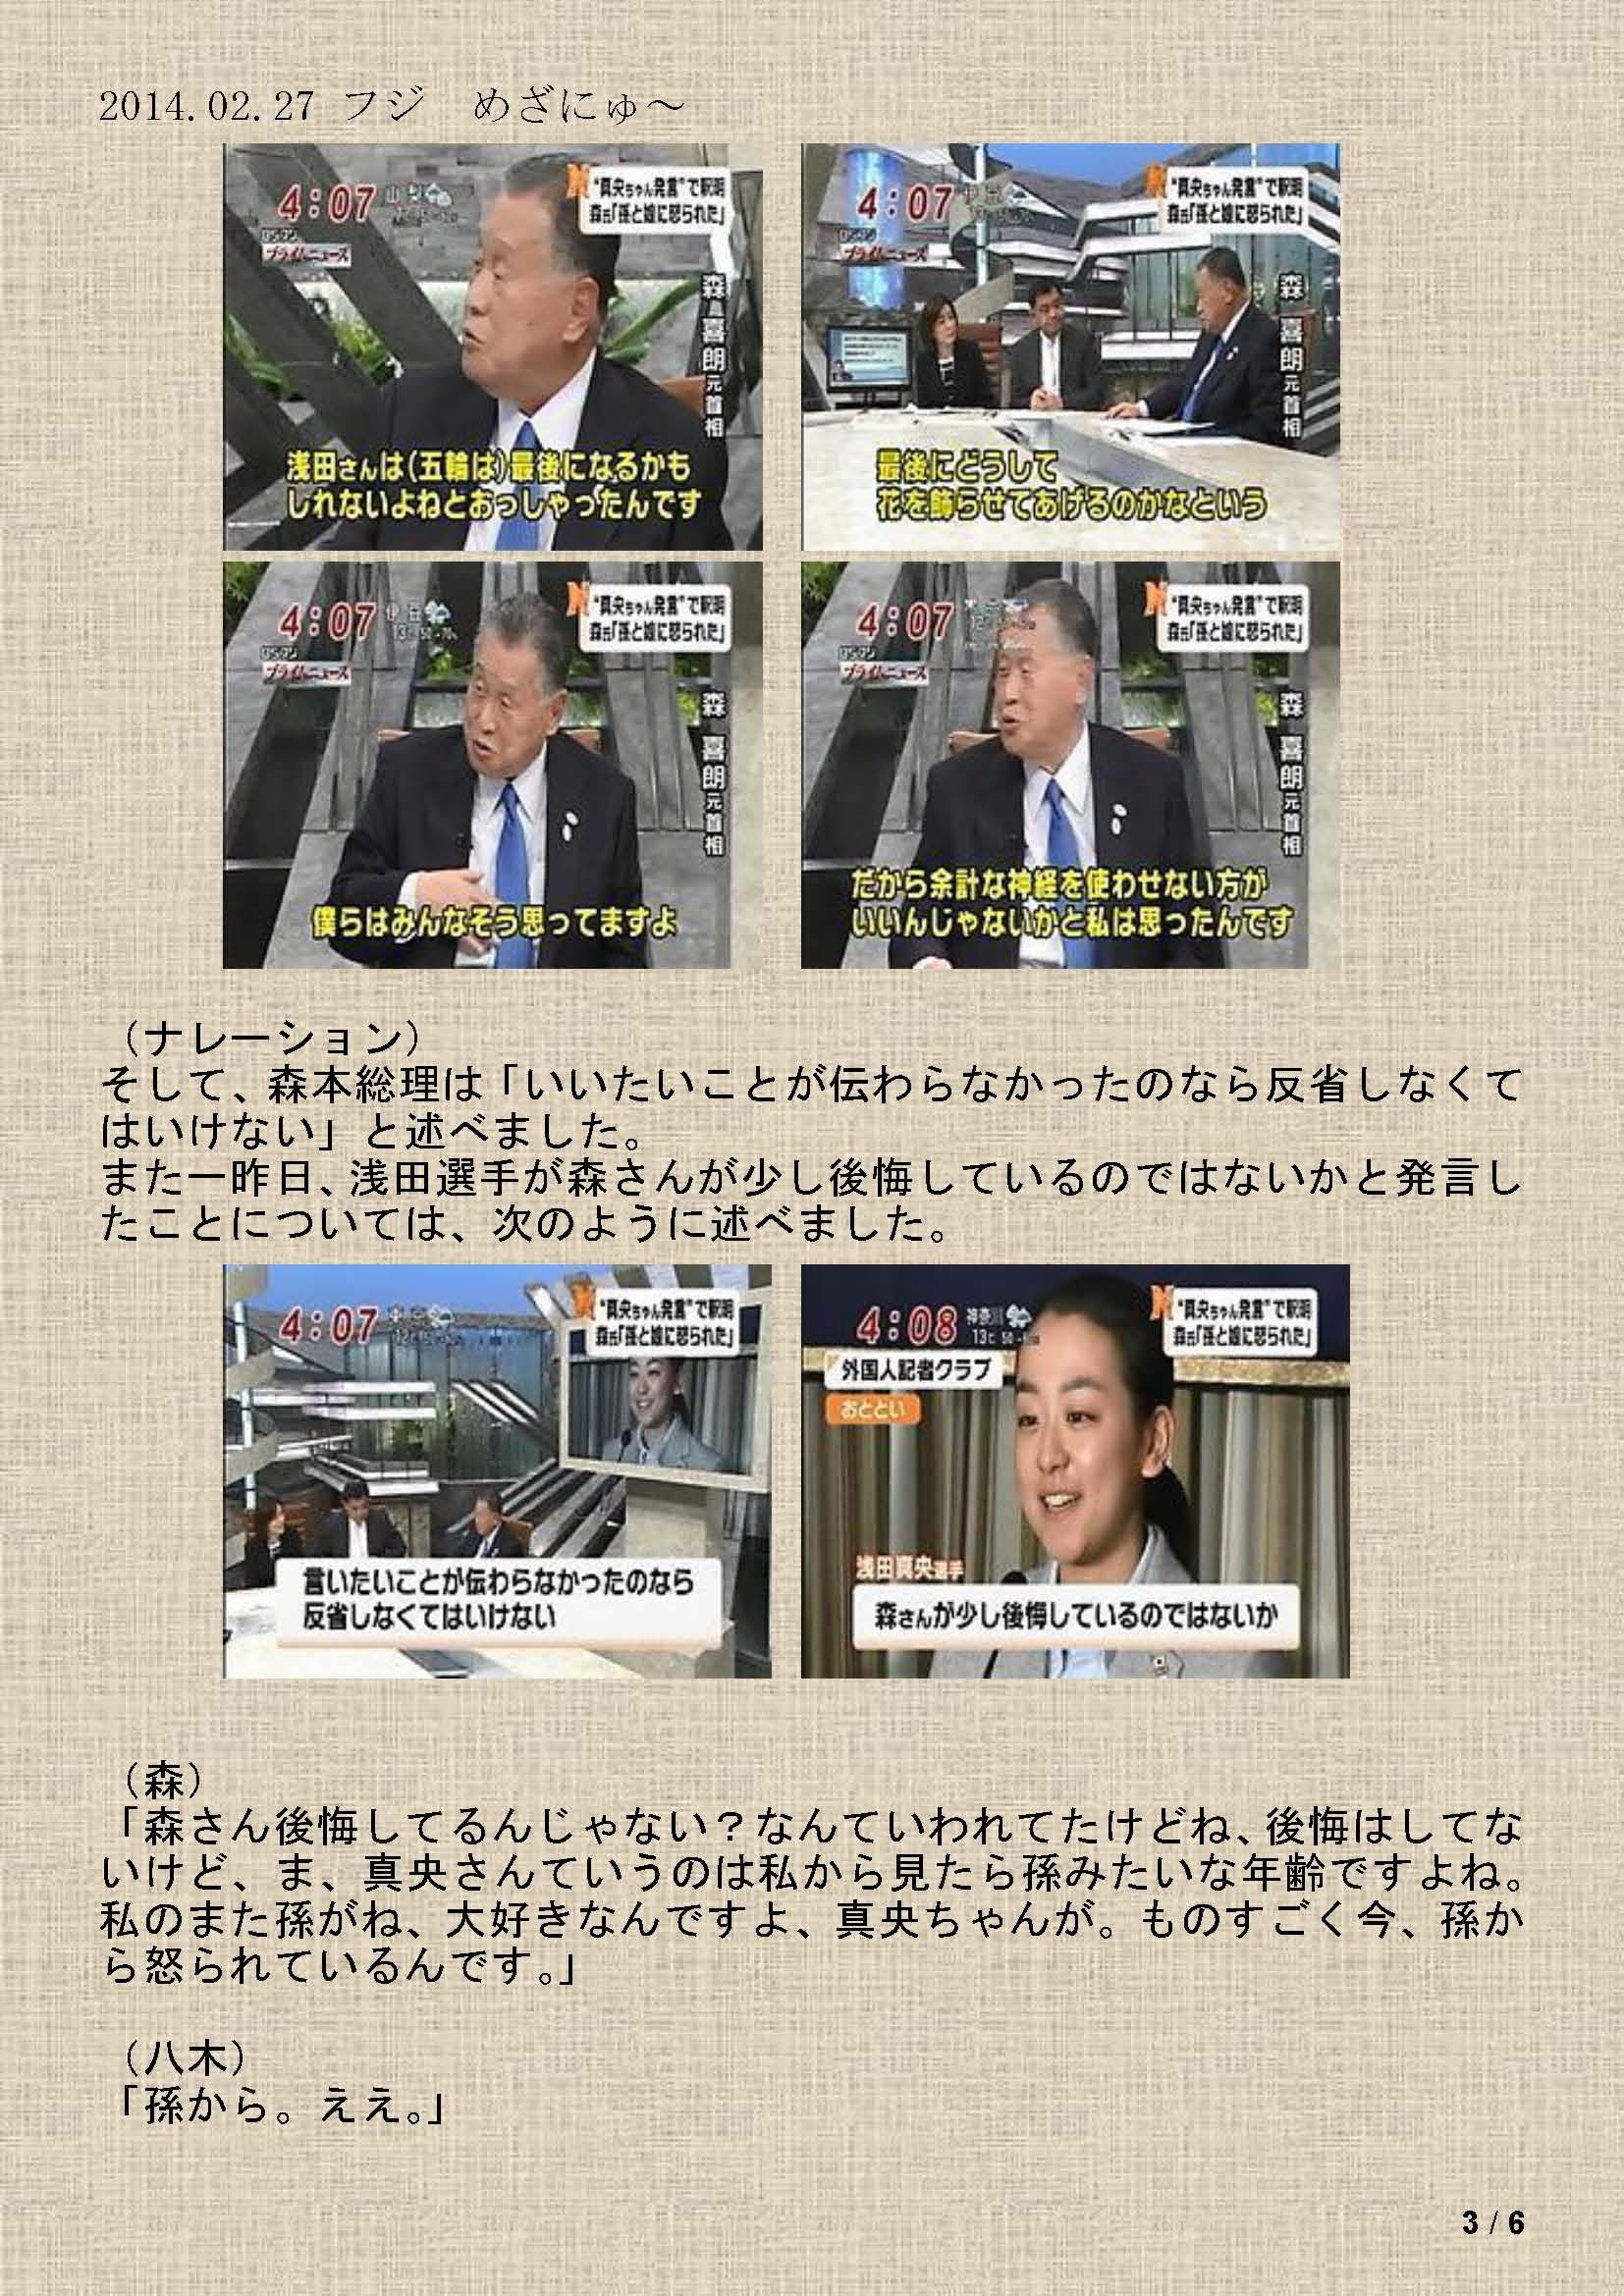 2014.02.27 フジ めざにゅ~(羽生・浅田(森元首相関連))_ページ_3